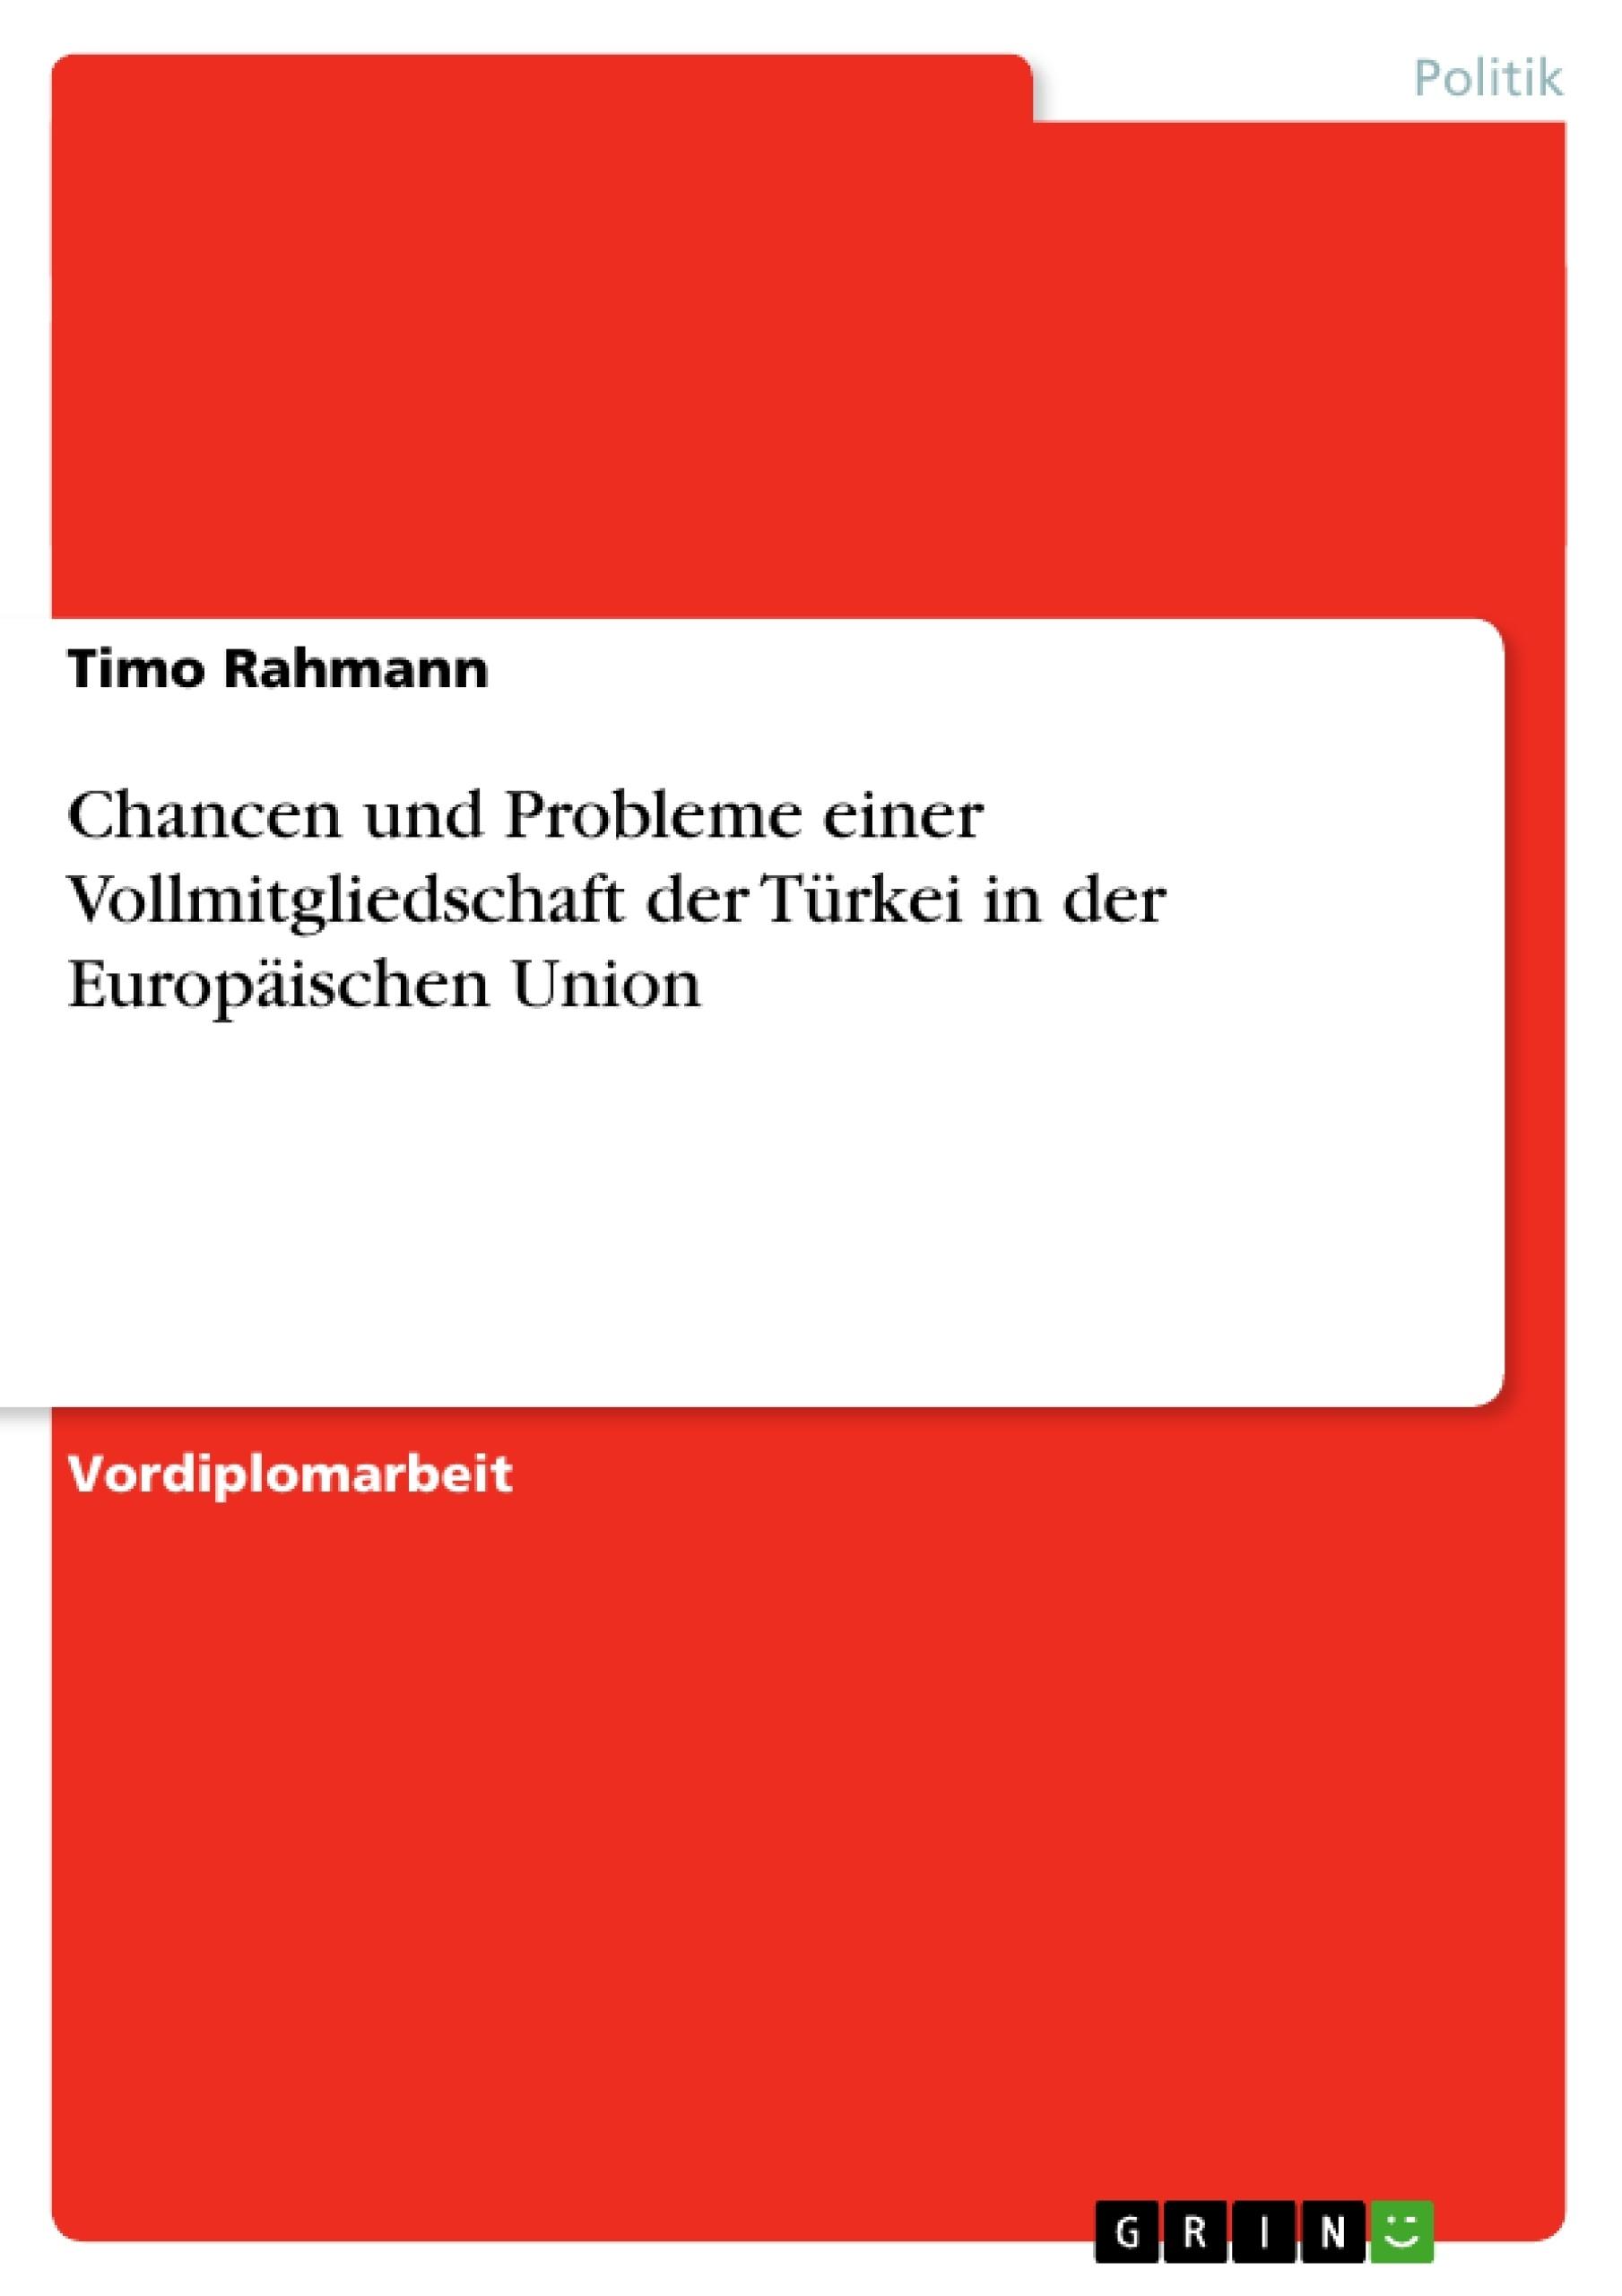 Titel: Chancen und Probleme einer Vollmitgliedschaft der Türkei in der Europäischen Union